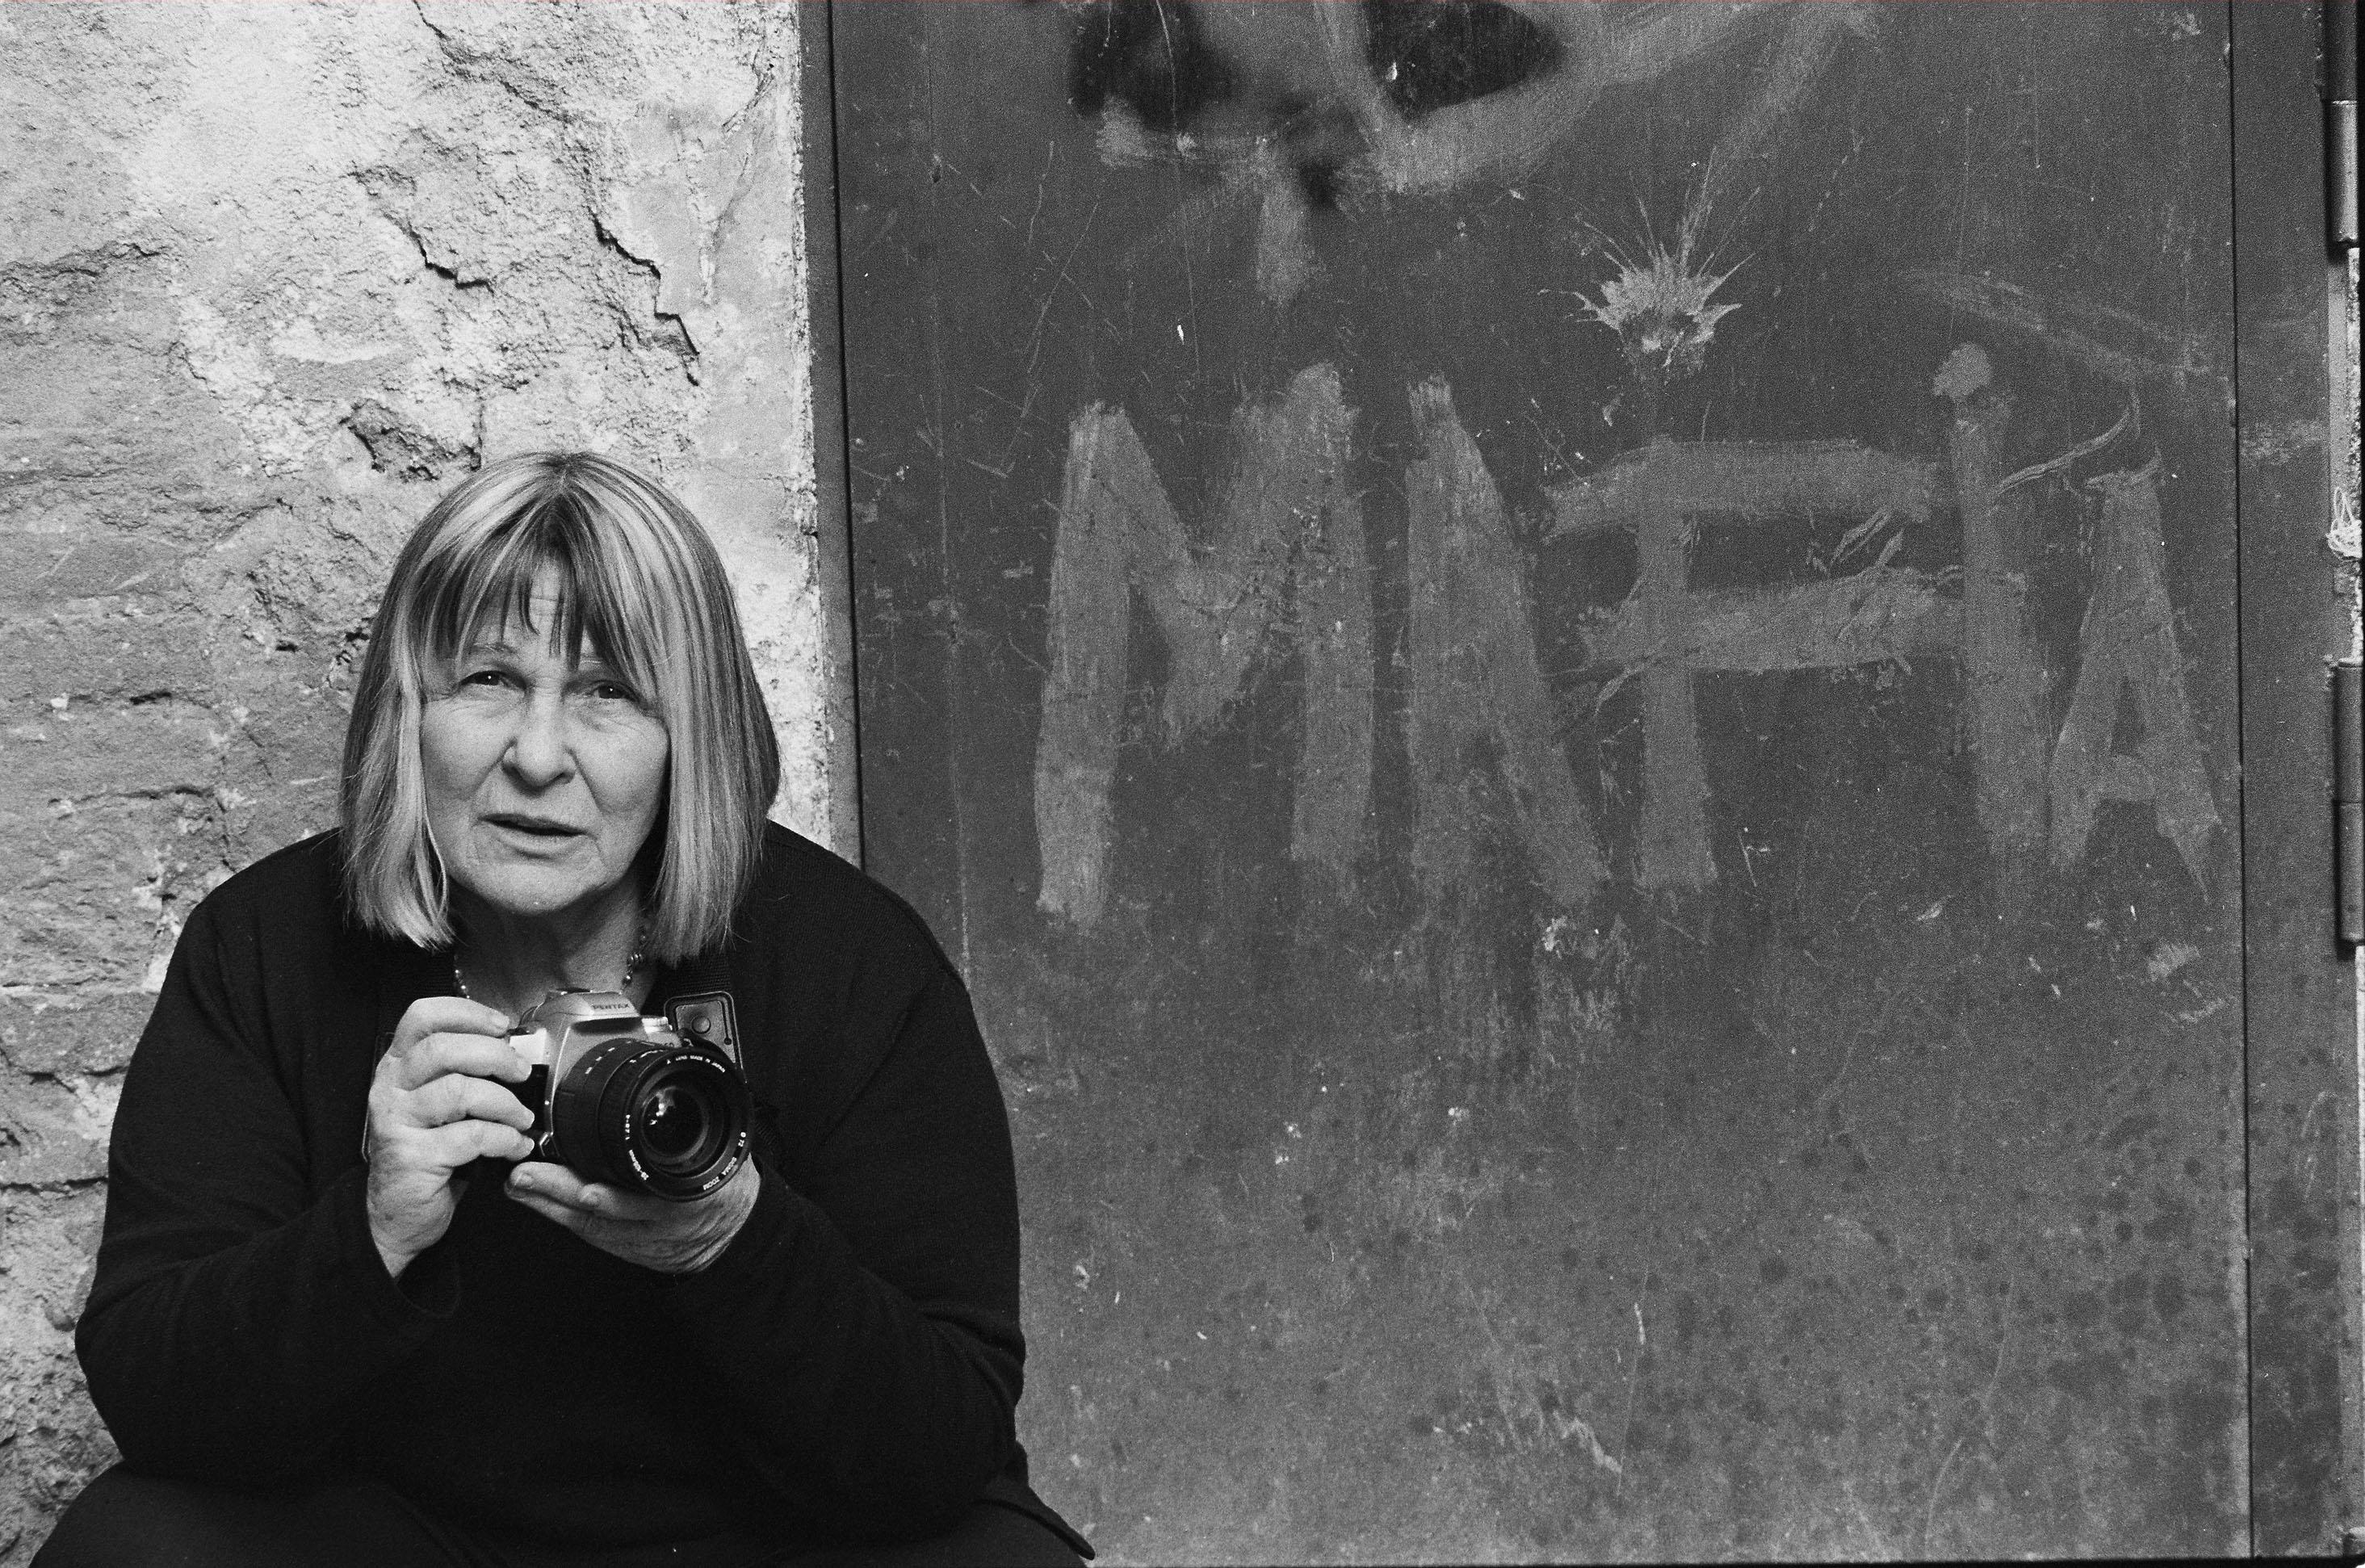 Letizia Battaglia. Portrait of a revolutionary woman.